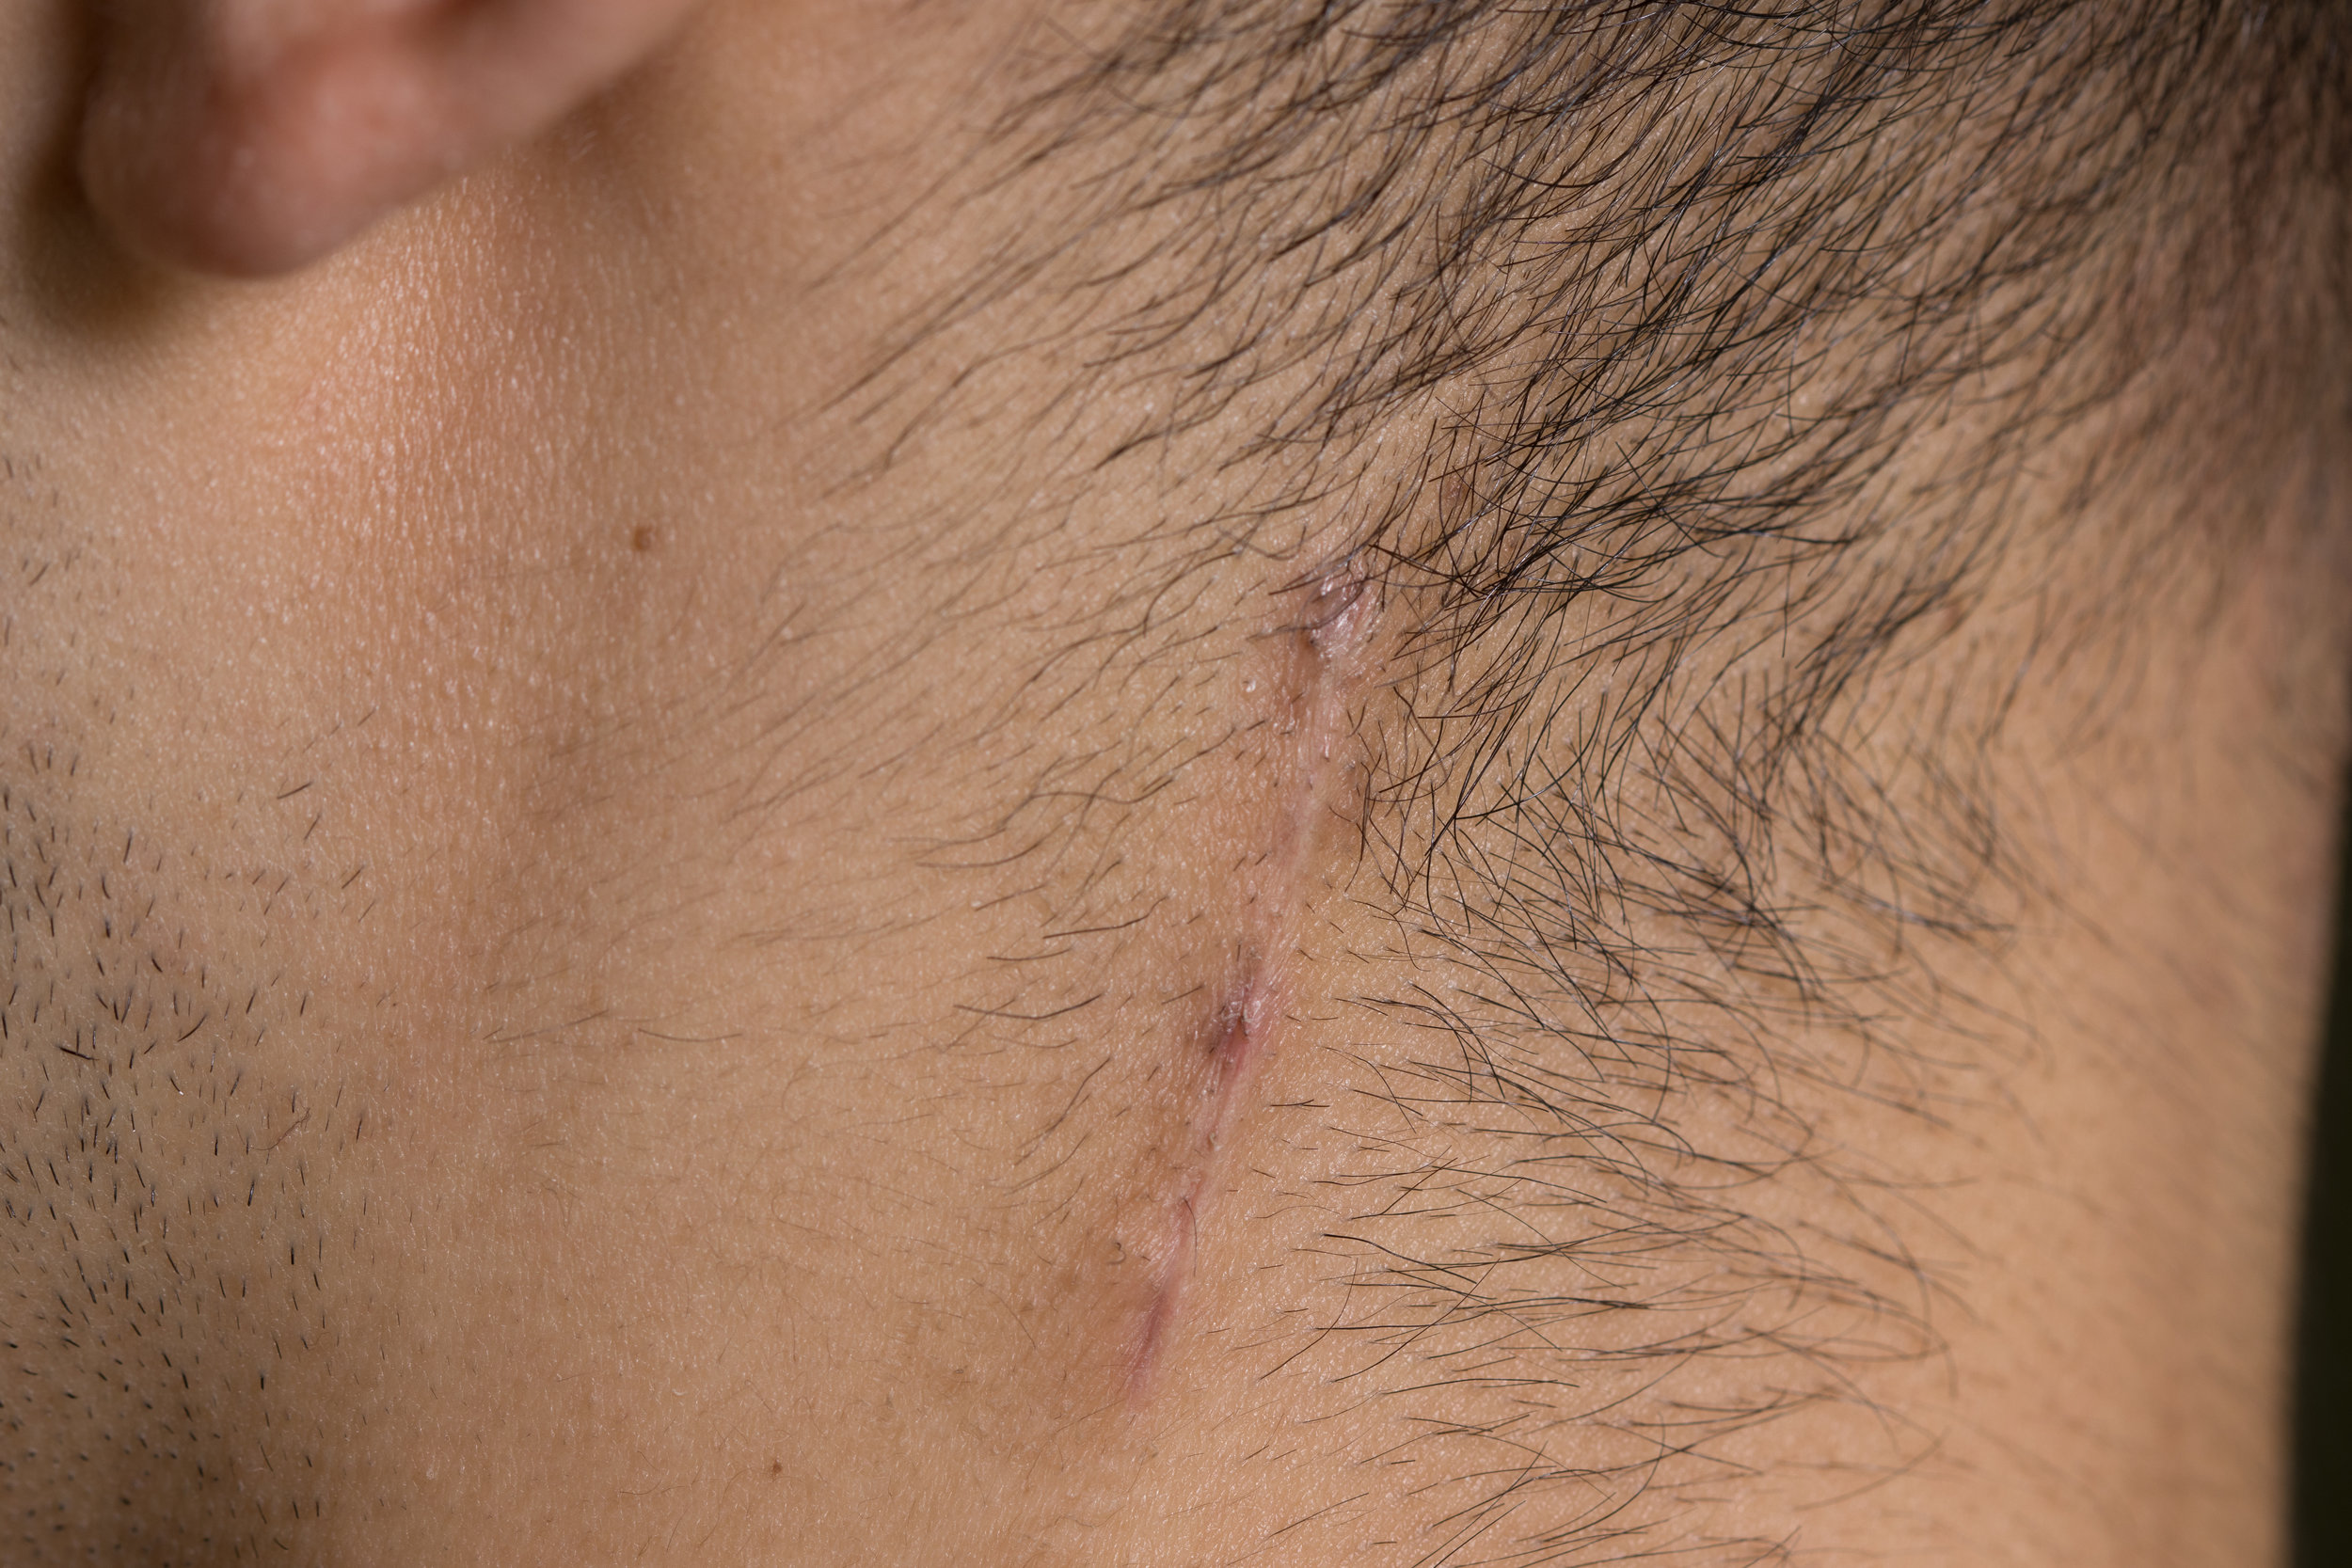 Incision for left lesser occipital nerve, 24 days post-op